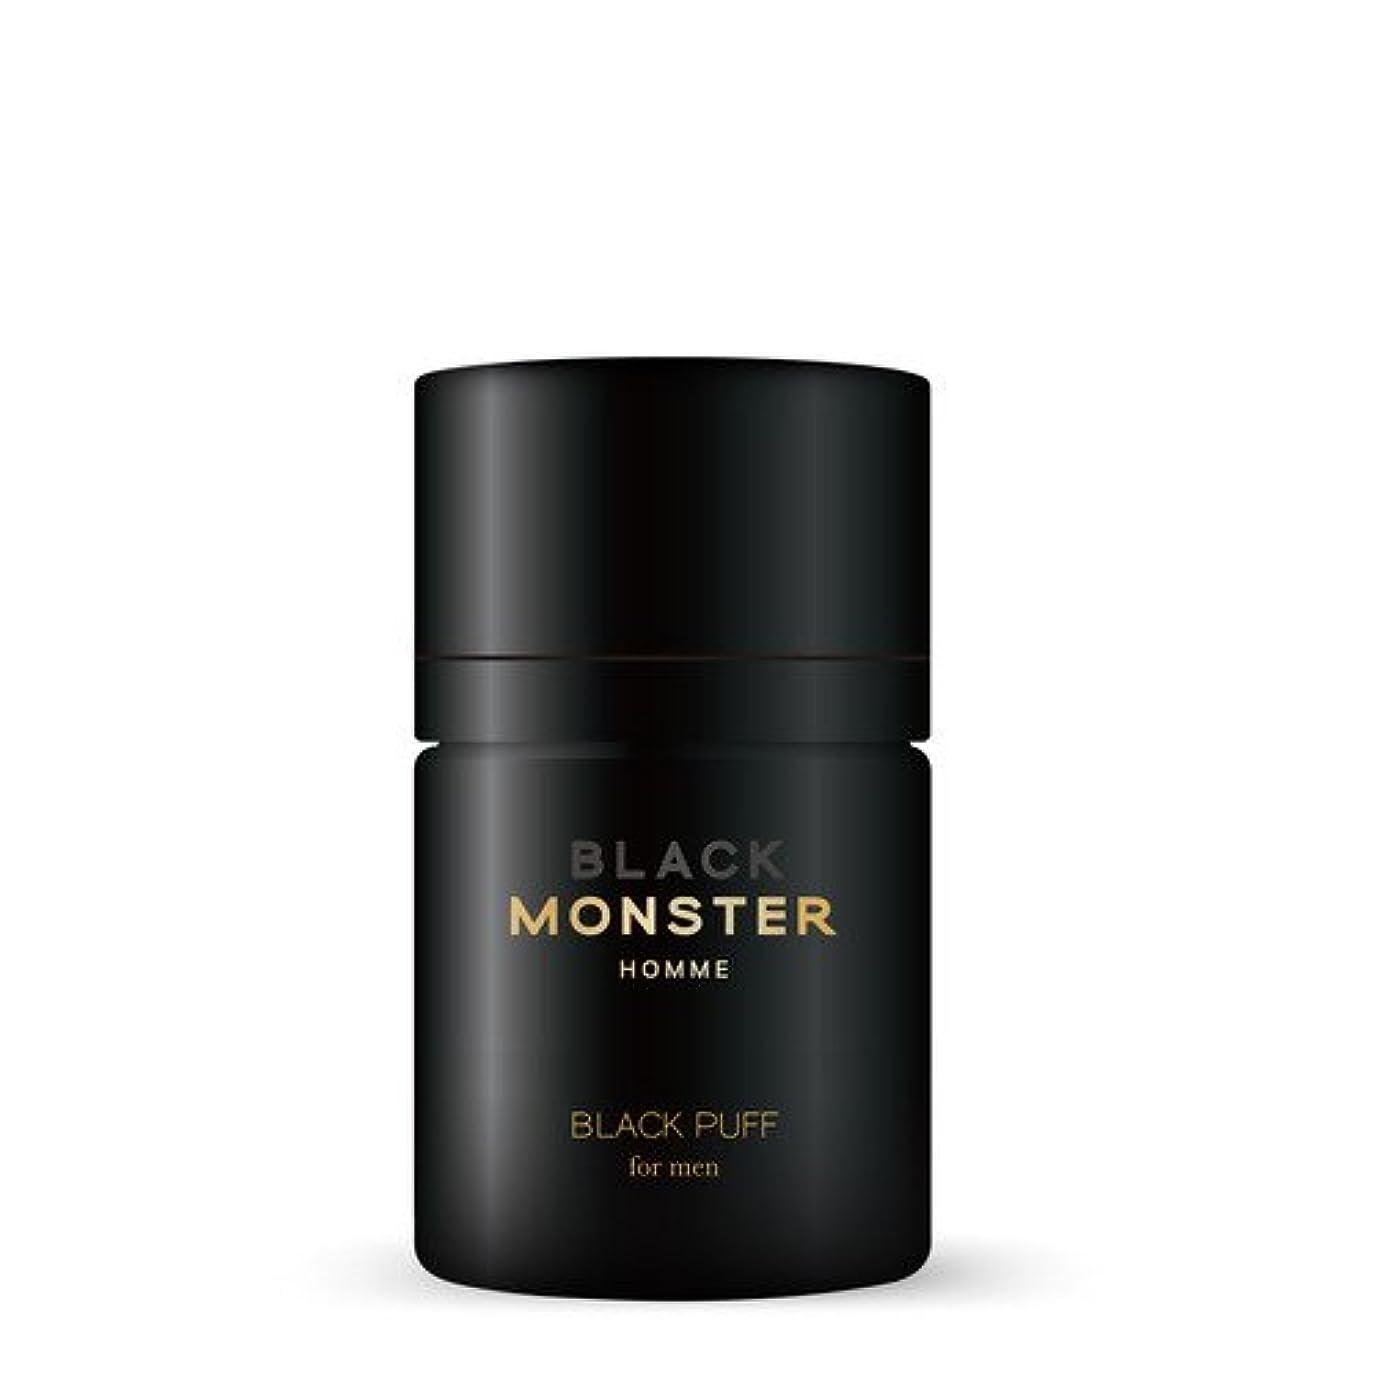 black monster ブラックモンスター パフブラウン brown 瞬間増毛剤 [並行輸入品]